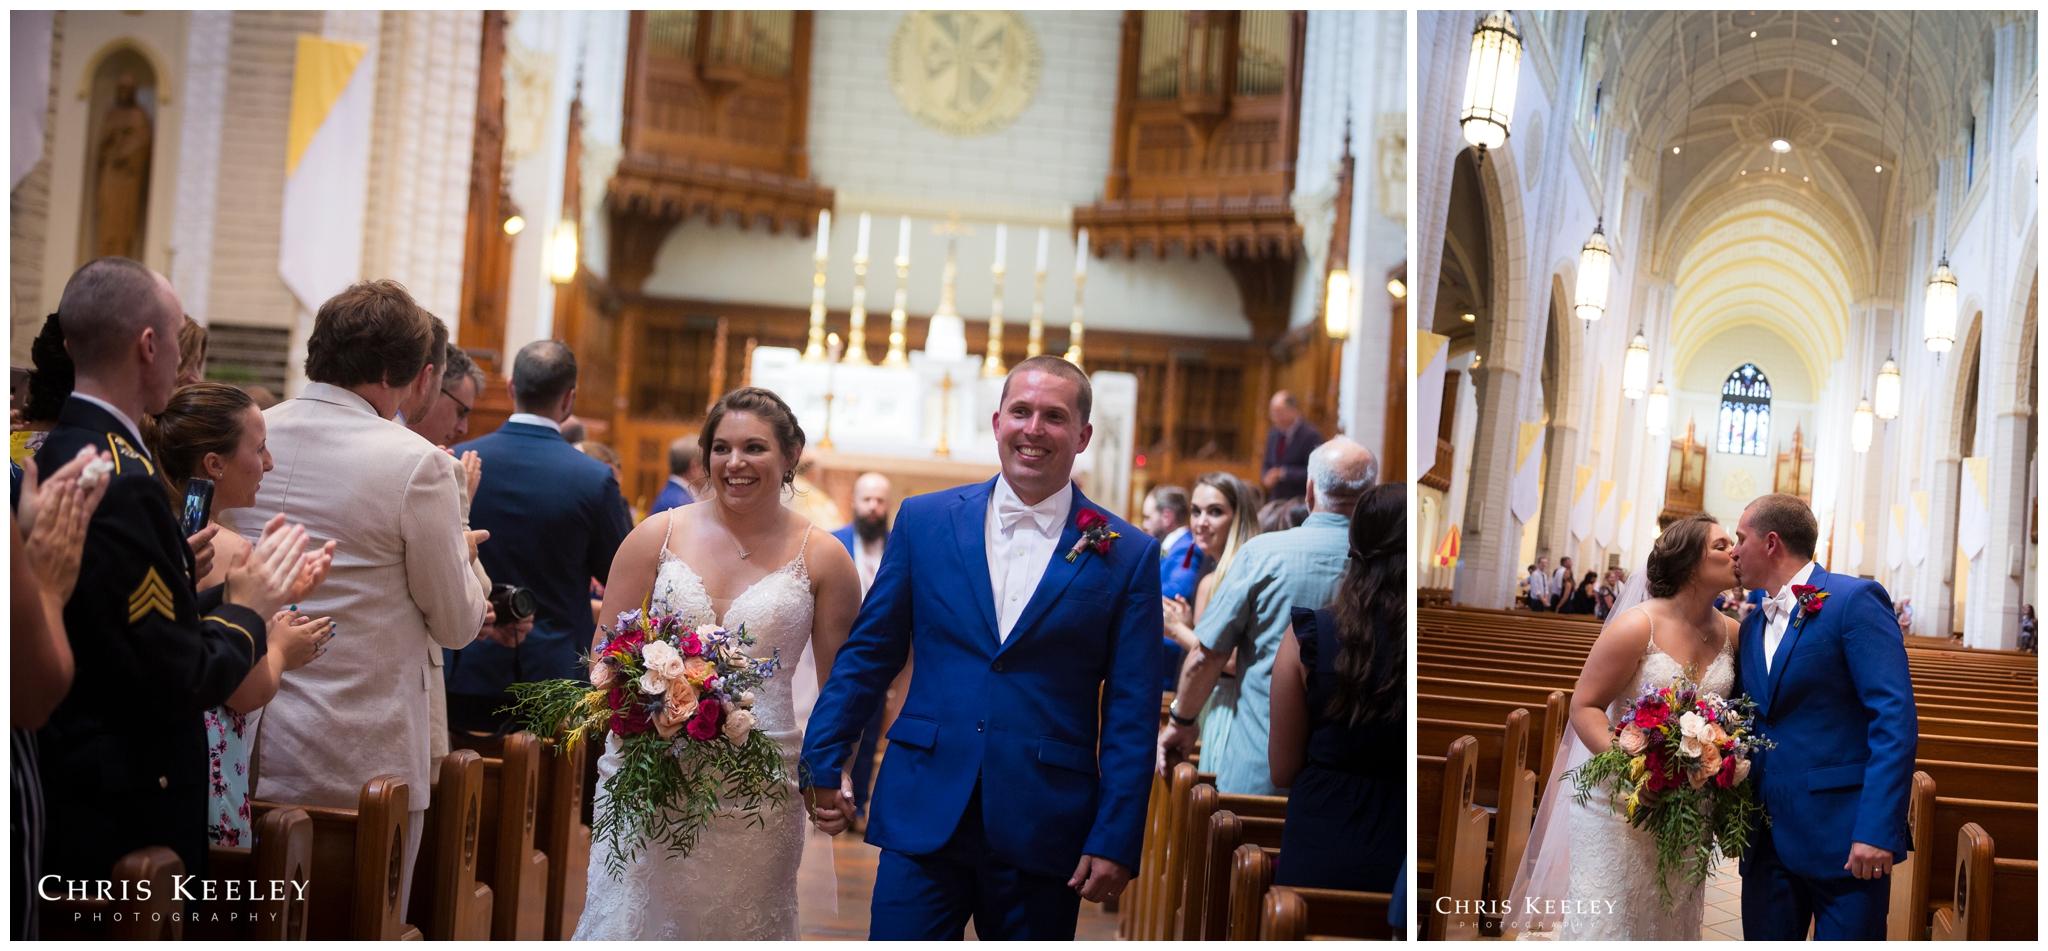 bride-groom-smling-after-ceremony.jpg